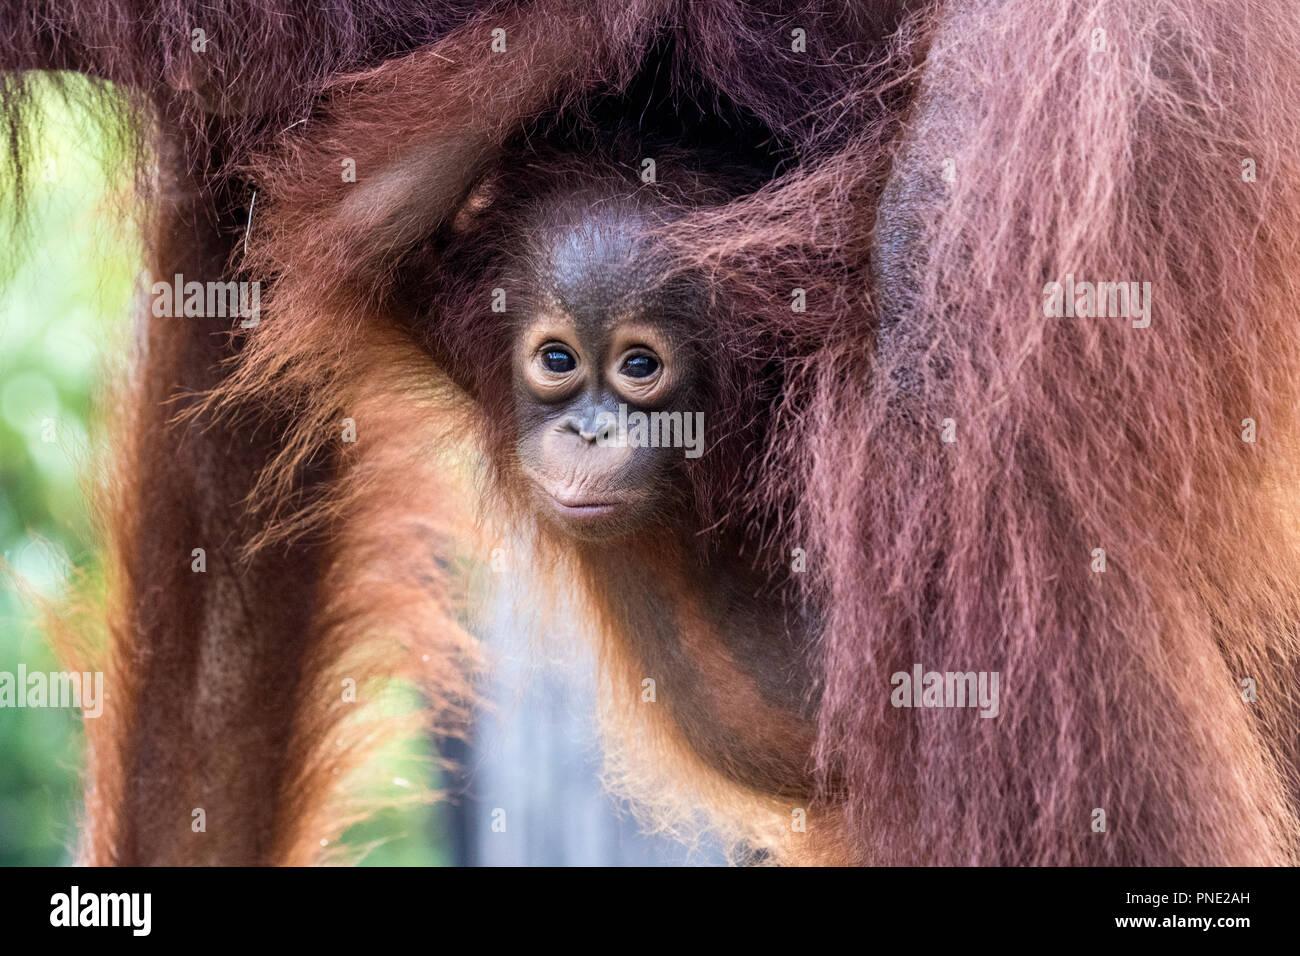 La mère et le bébé Orang orang-outan, Pongo pygmaeus, Buluh Kecil River, Bornéo, Indonésie. Banque D'Images